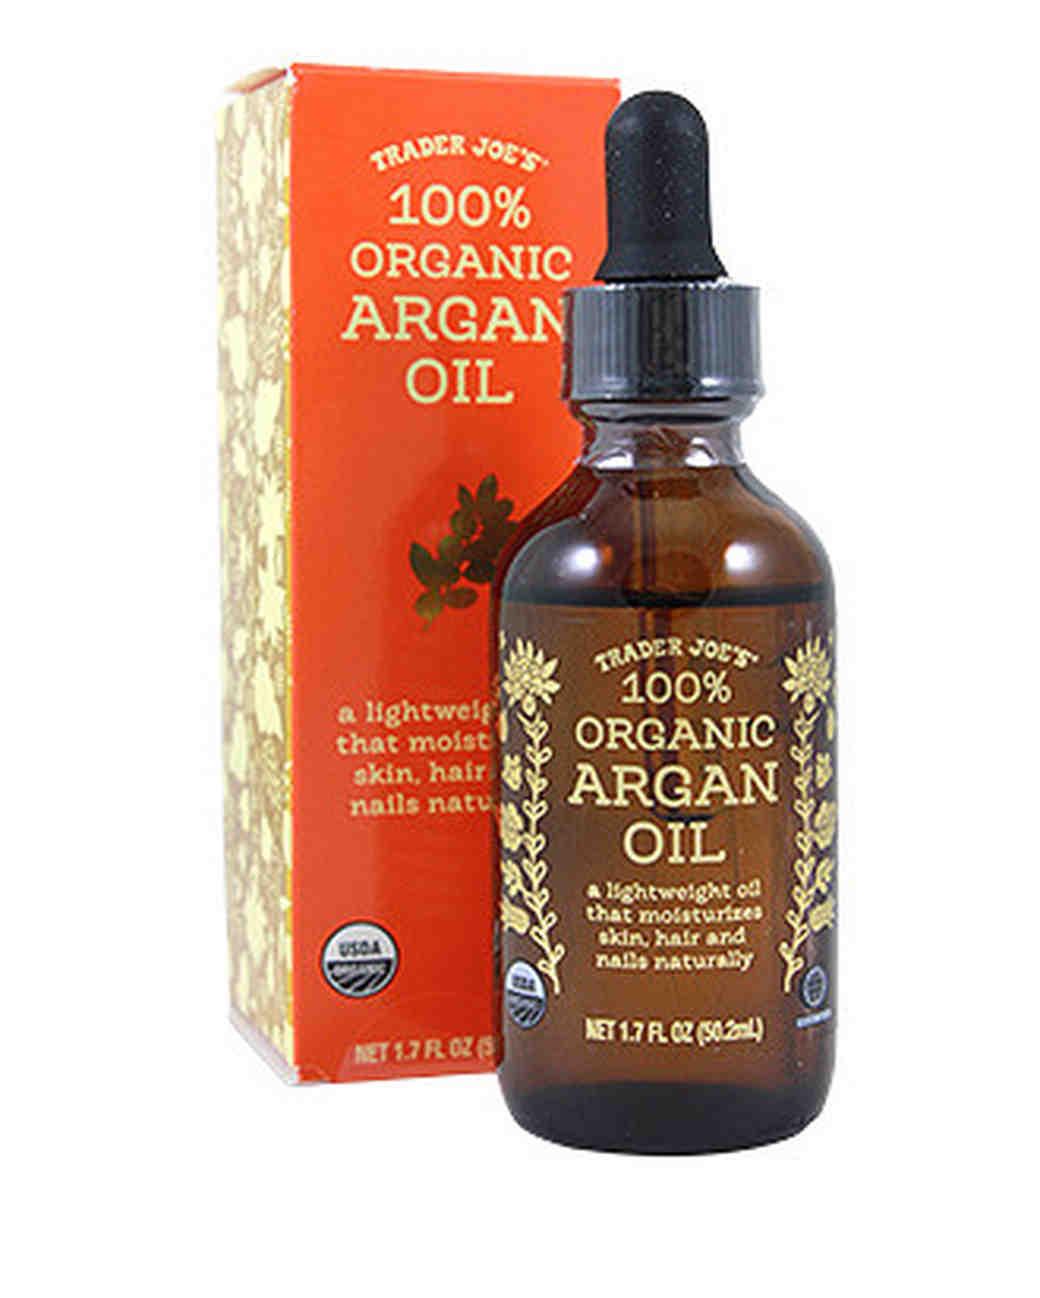 trader joes beauty argan oil